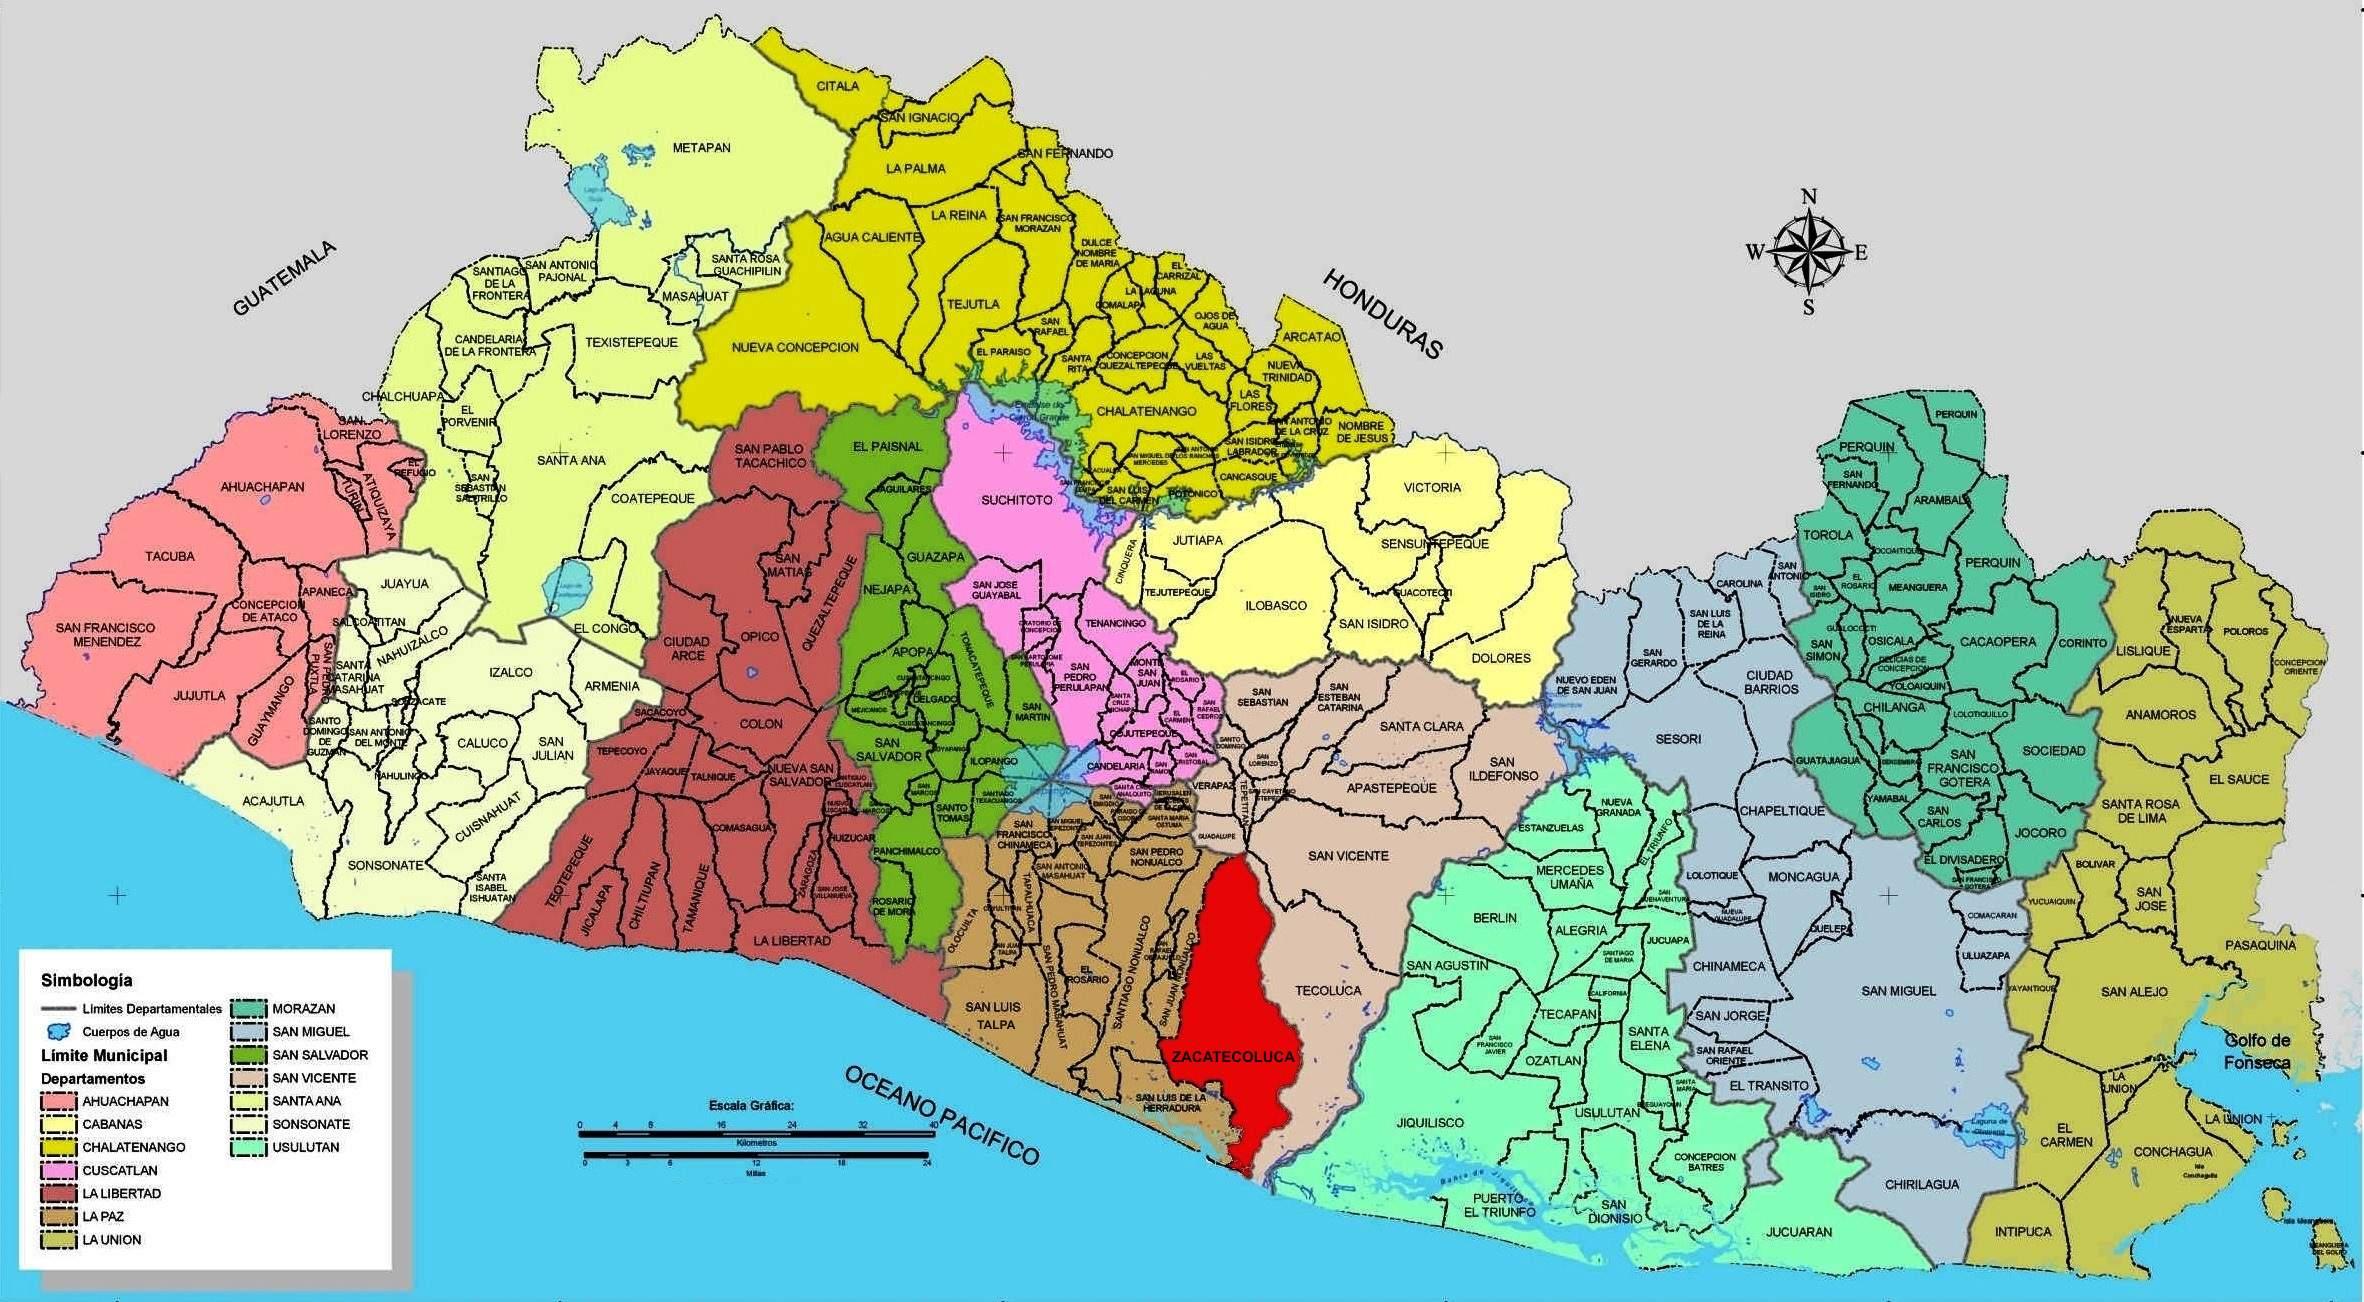 Archivomapa De División Política De El Salvador Con Zacatecoluca